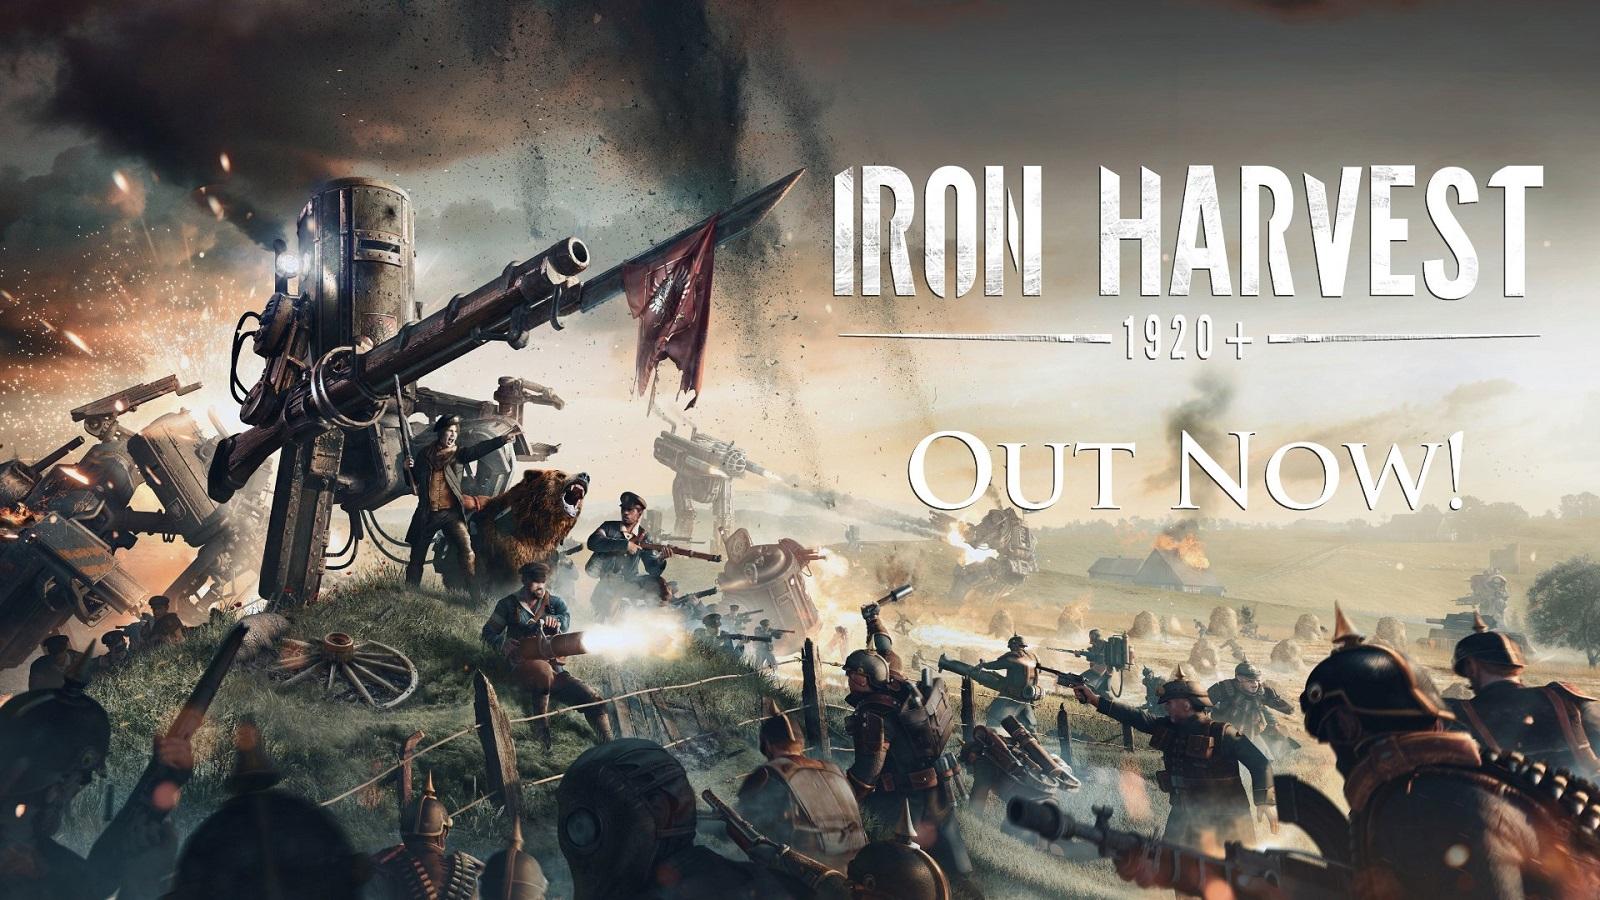 Смешались в кучу кони, люди и огромные роботы: дизельпанковая стратегия  Iron Harvest вышла на ПК и получила новый трейлер